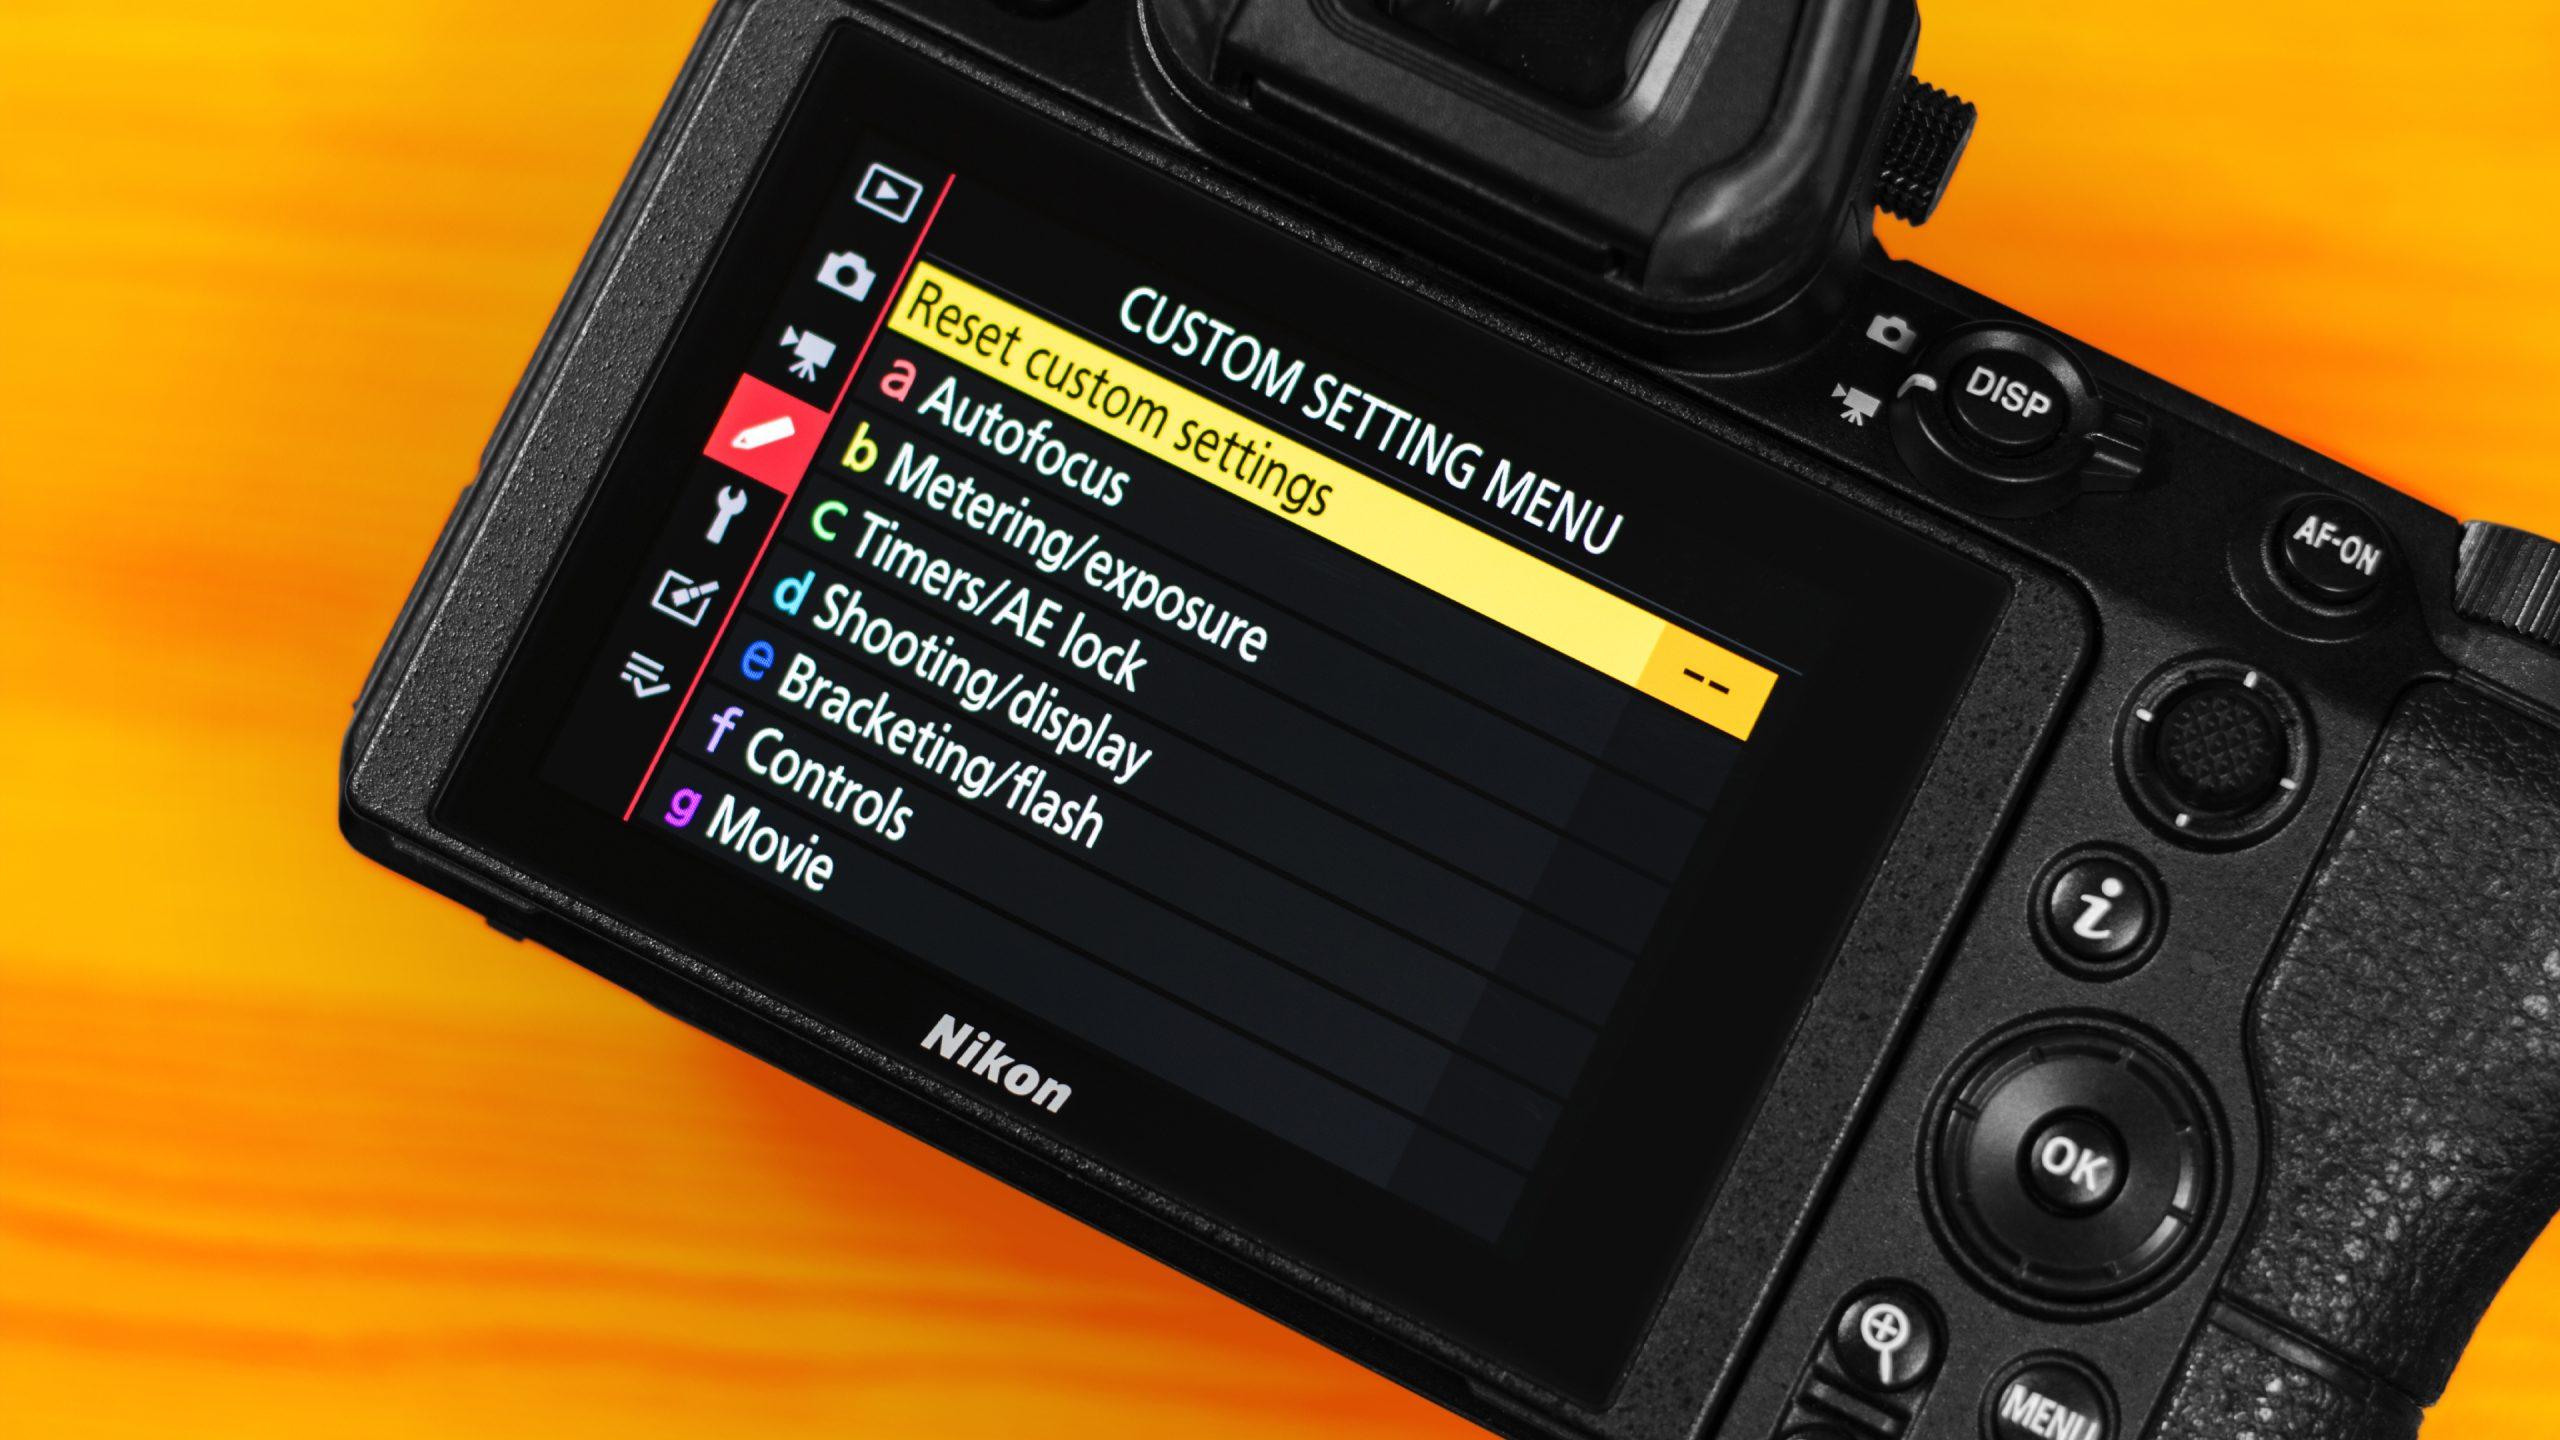 Foto van het touchscreen van de Nikon Z6-camera, met daarop de interface rondom instellingen voor alle interne menu's.